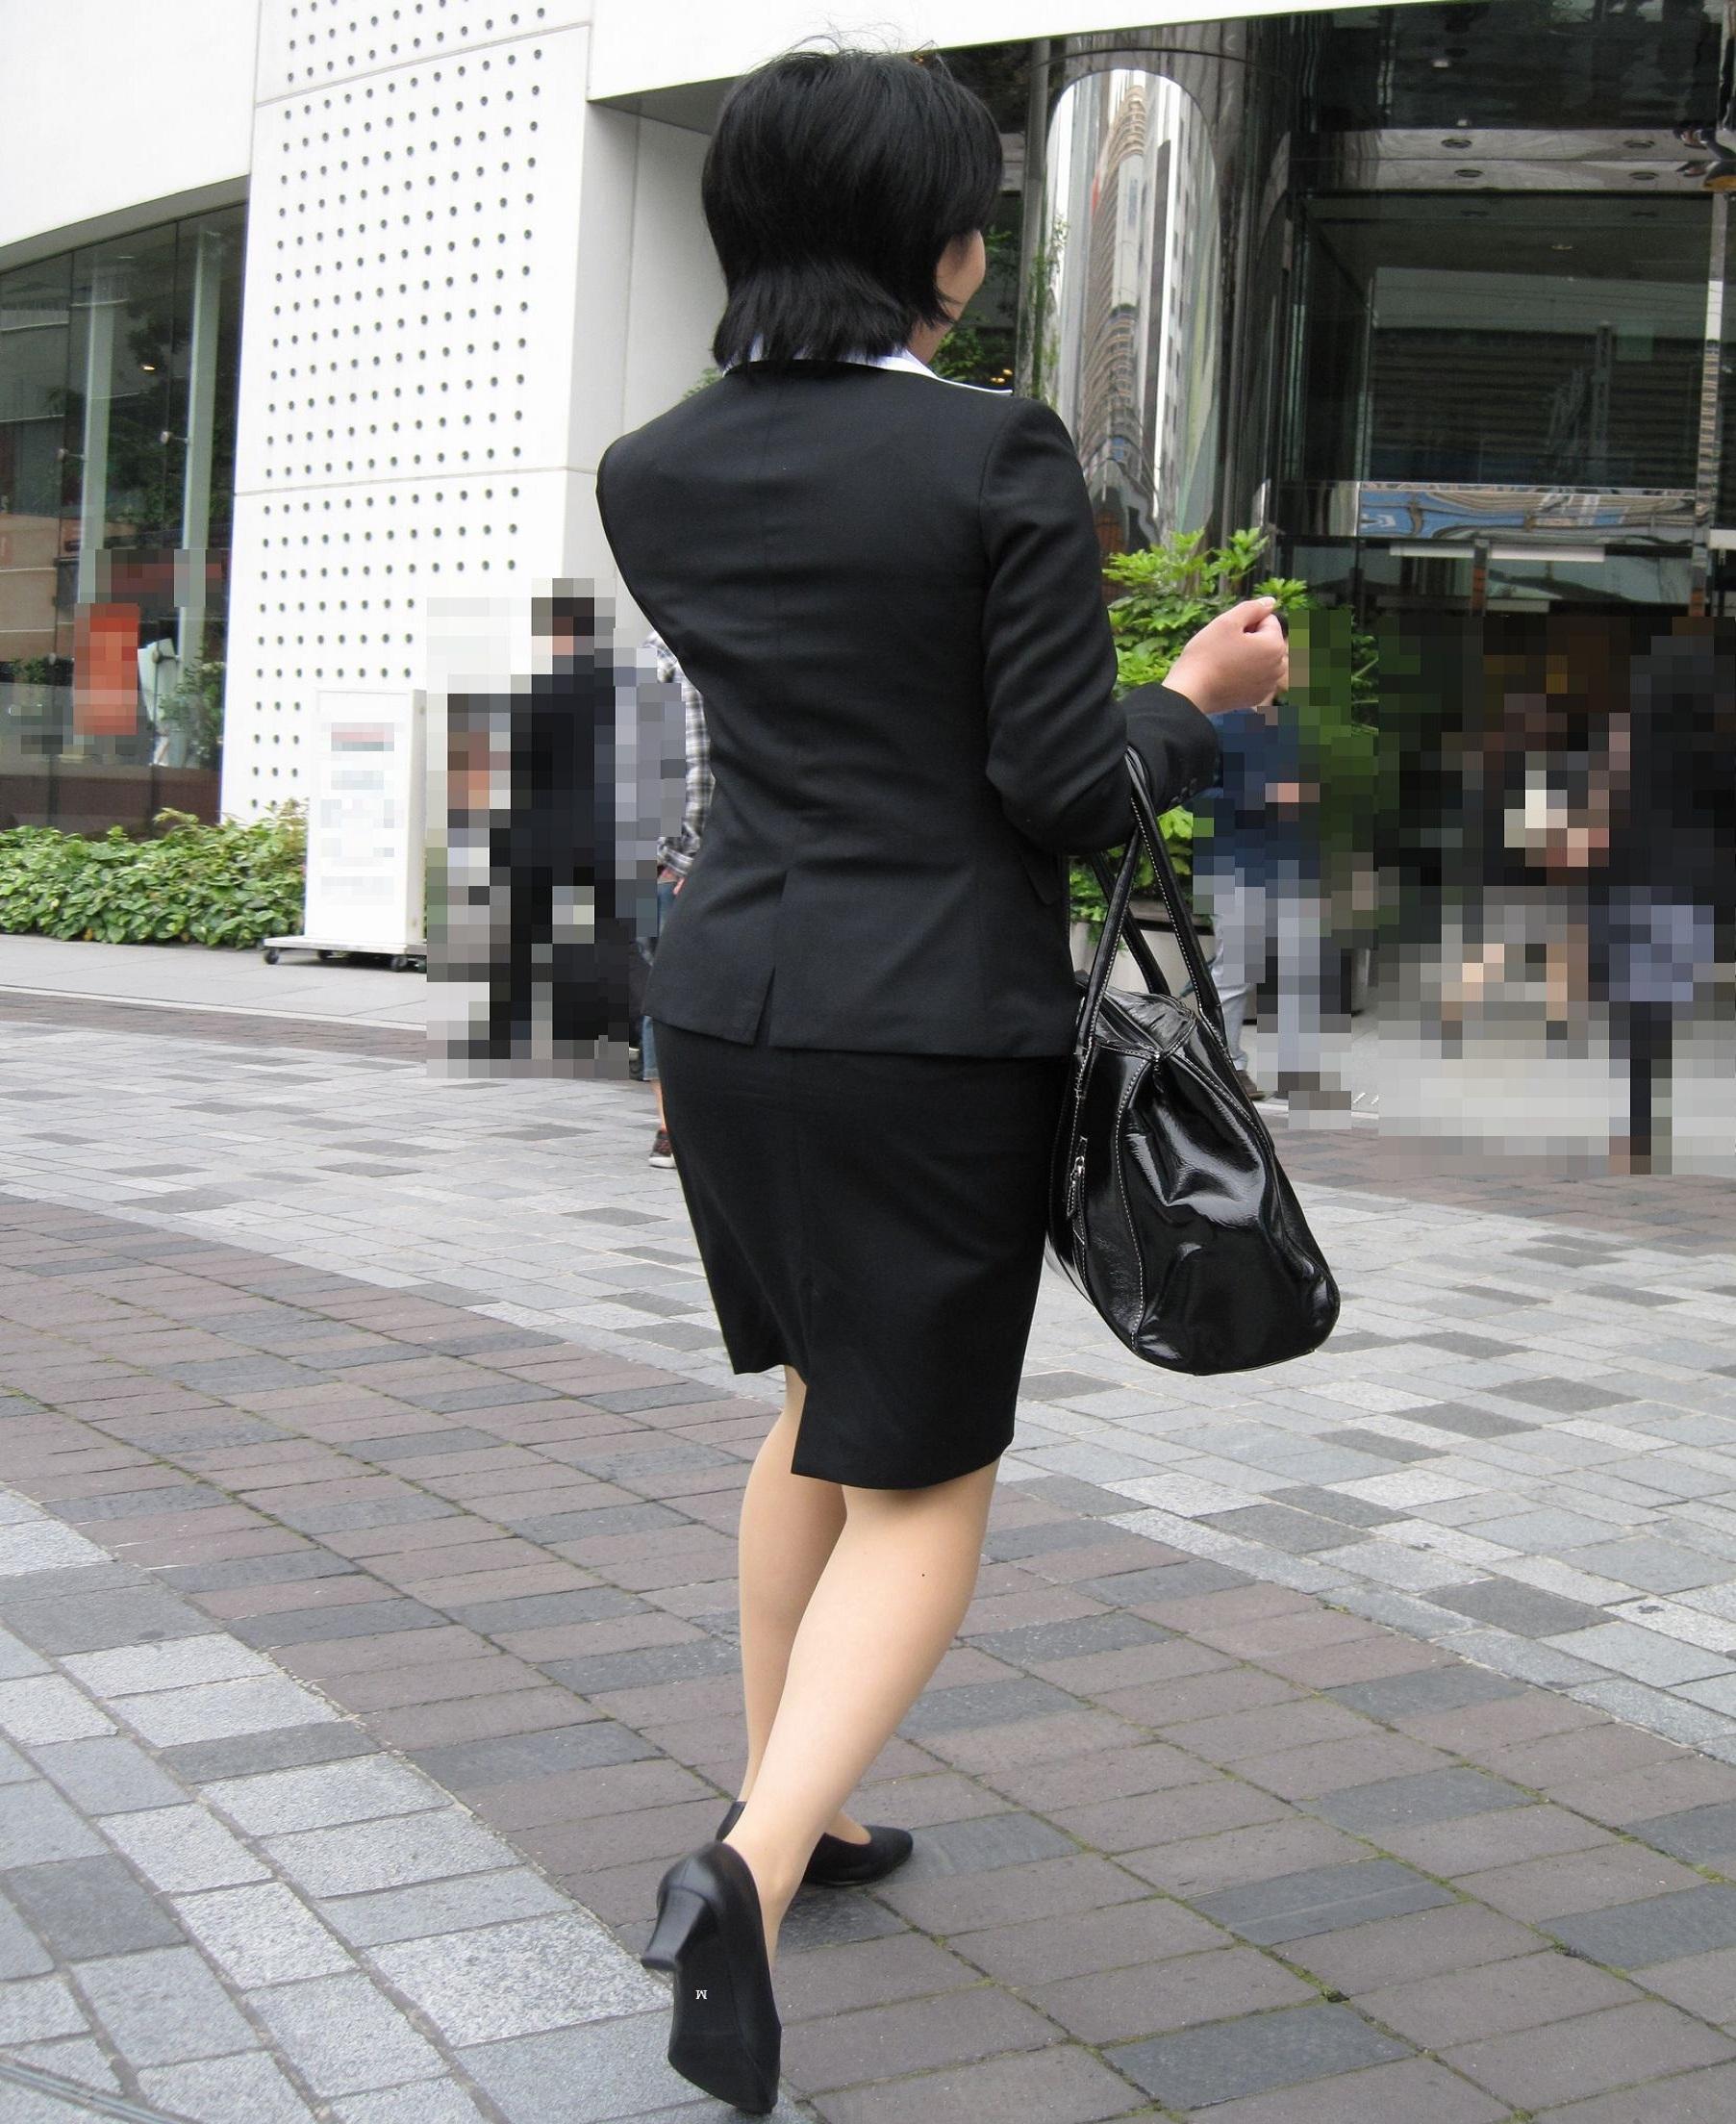 就活OLが面接へと急ぐタイトスカート美尻エロ画像11枚目